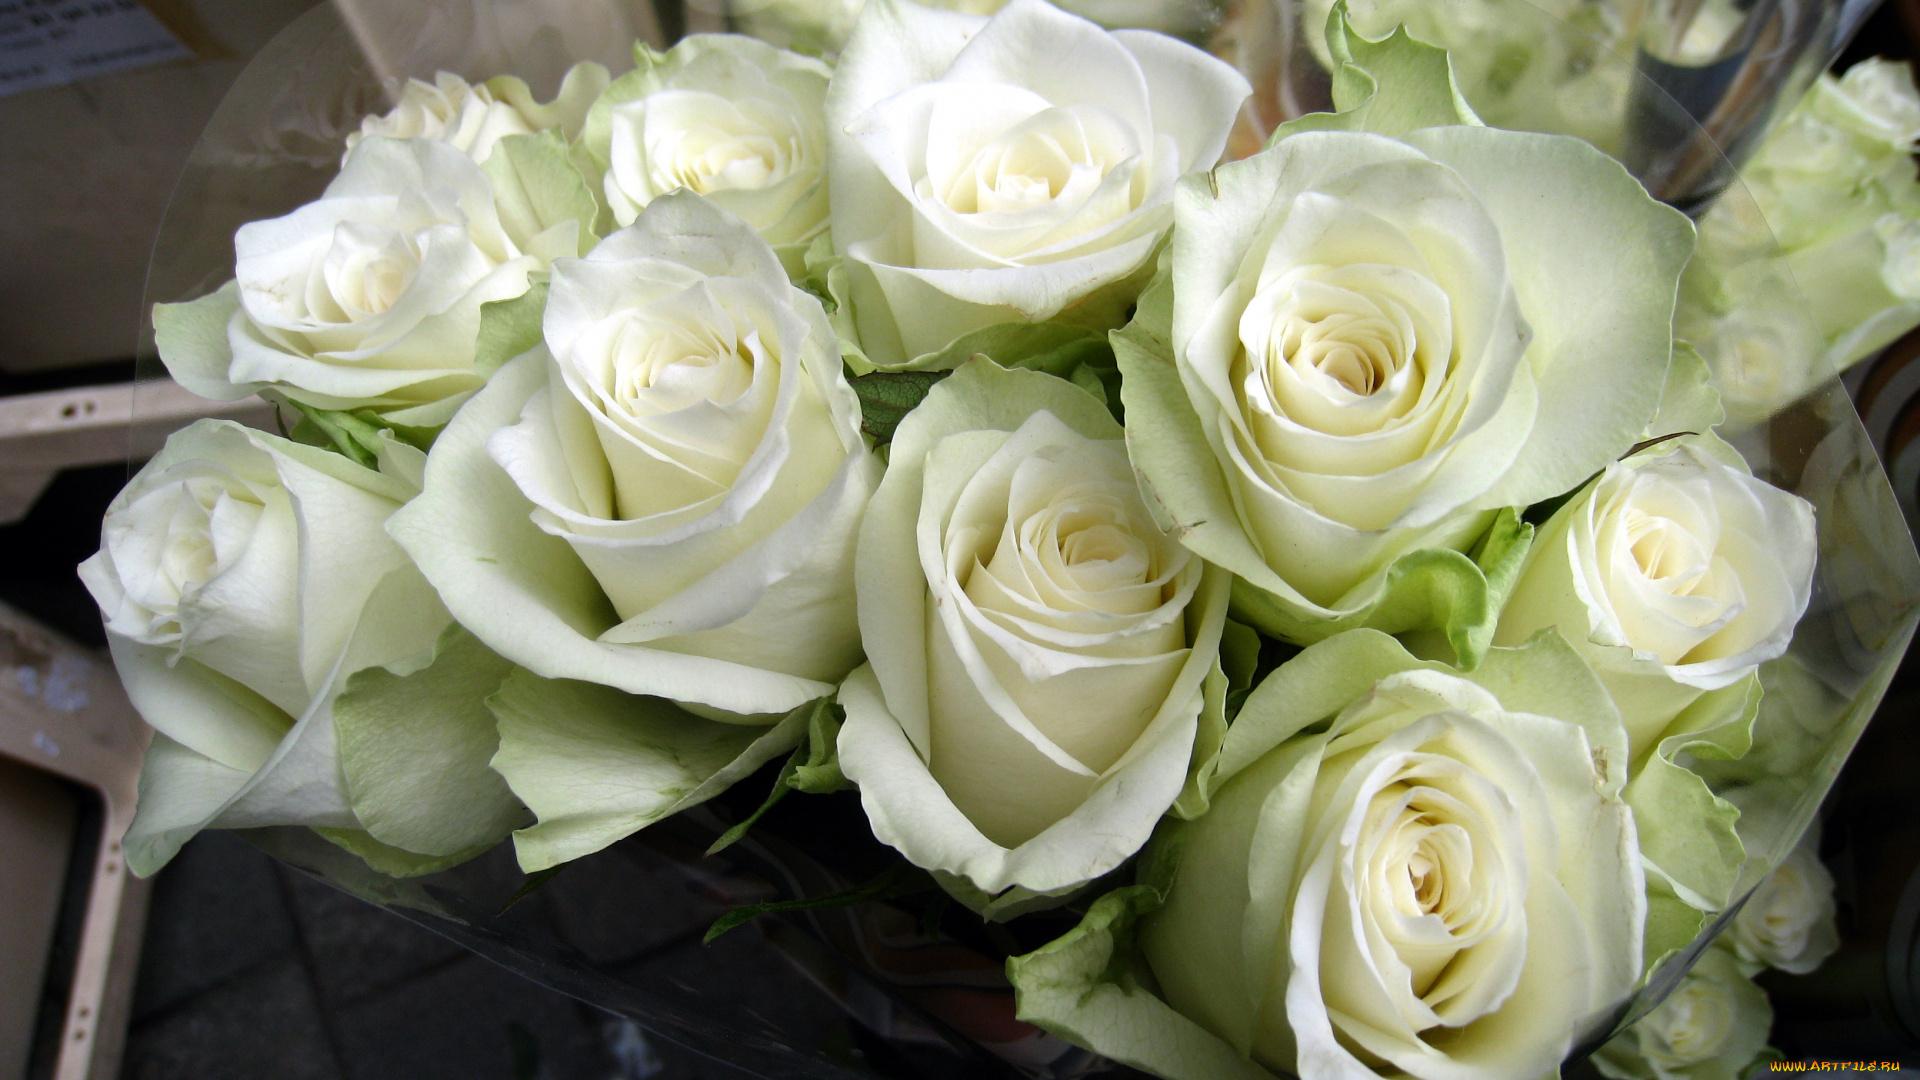 зрелищные моменты на рабочий стол фото белых роз букет свое